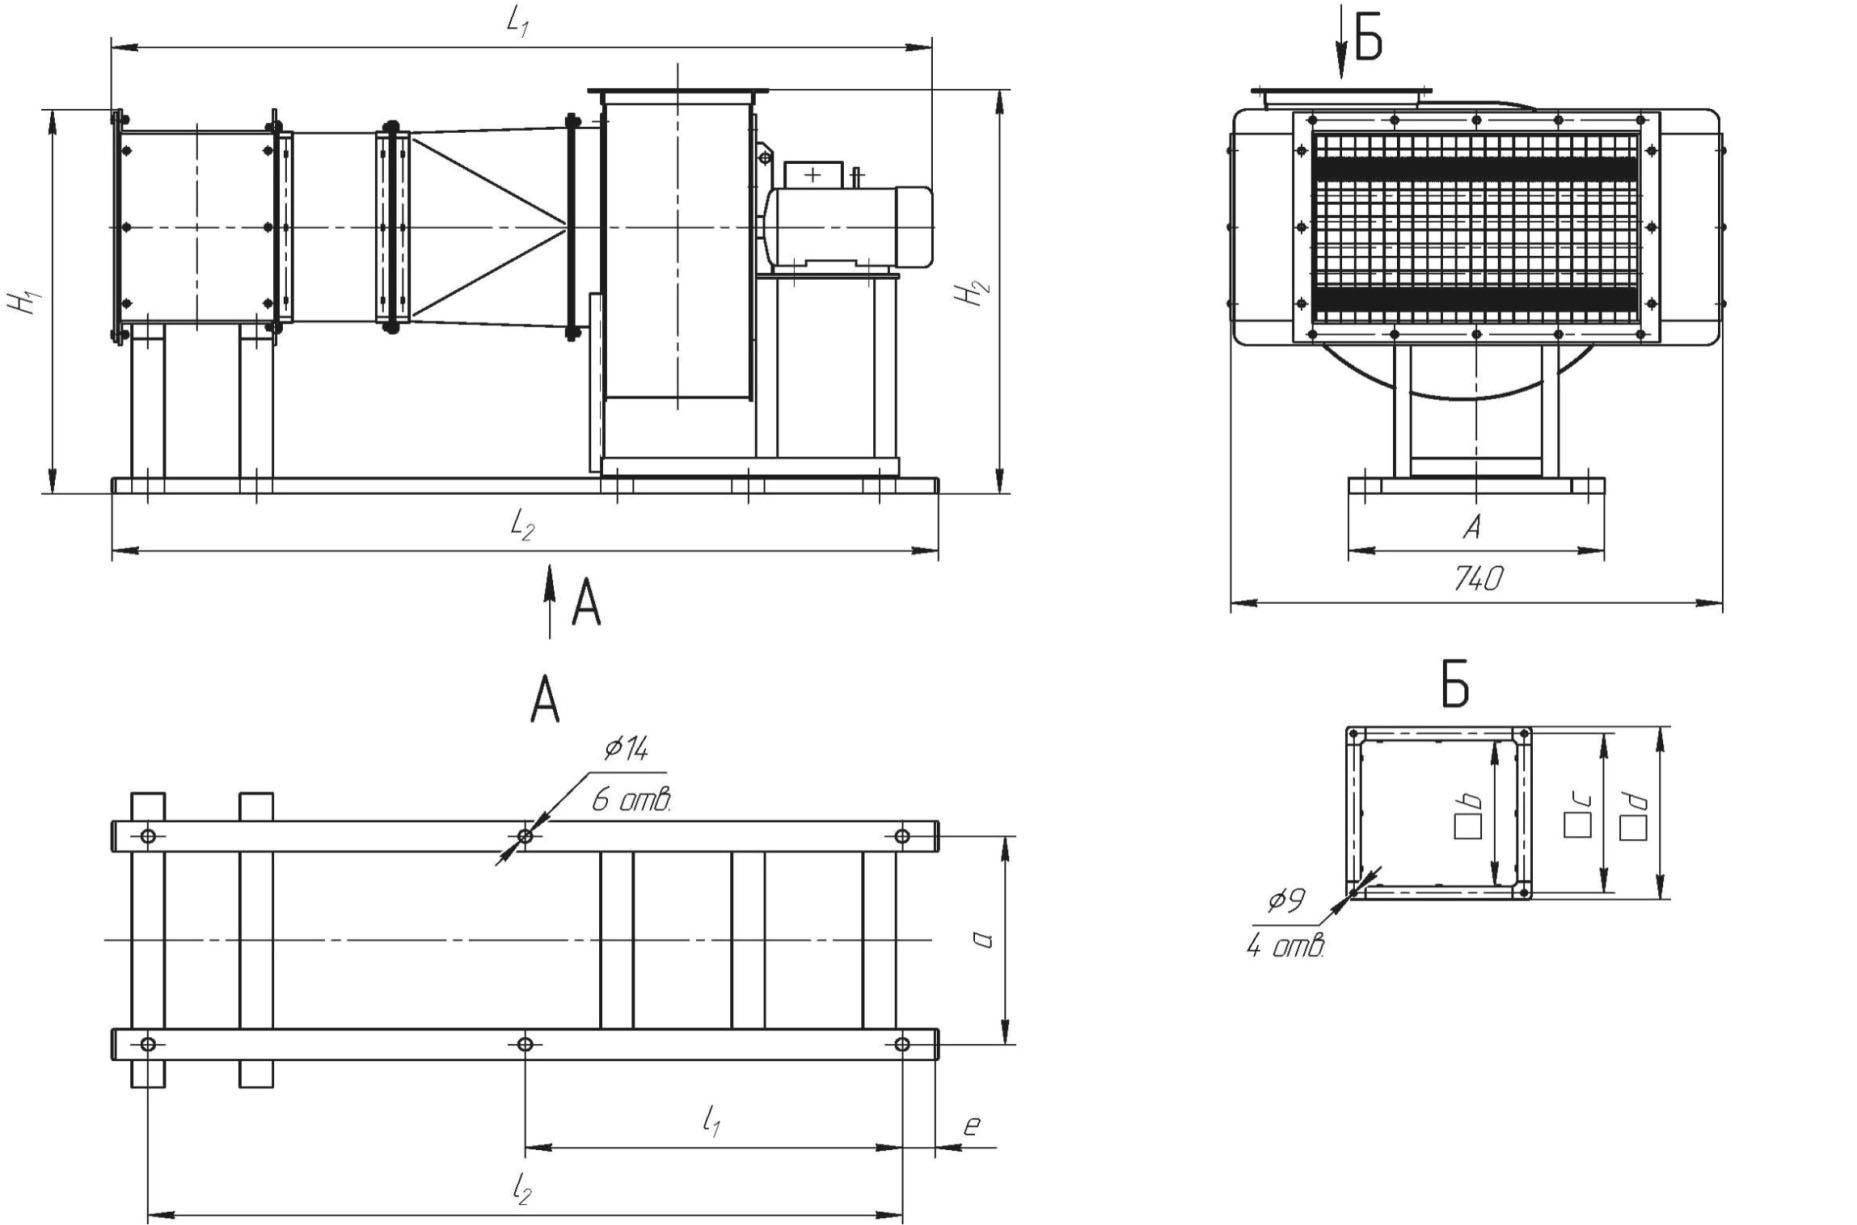 Габаритные размеры электрической воздухонагревательной установки УВНЭ-65-01